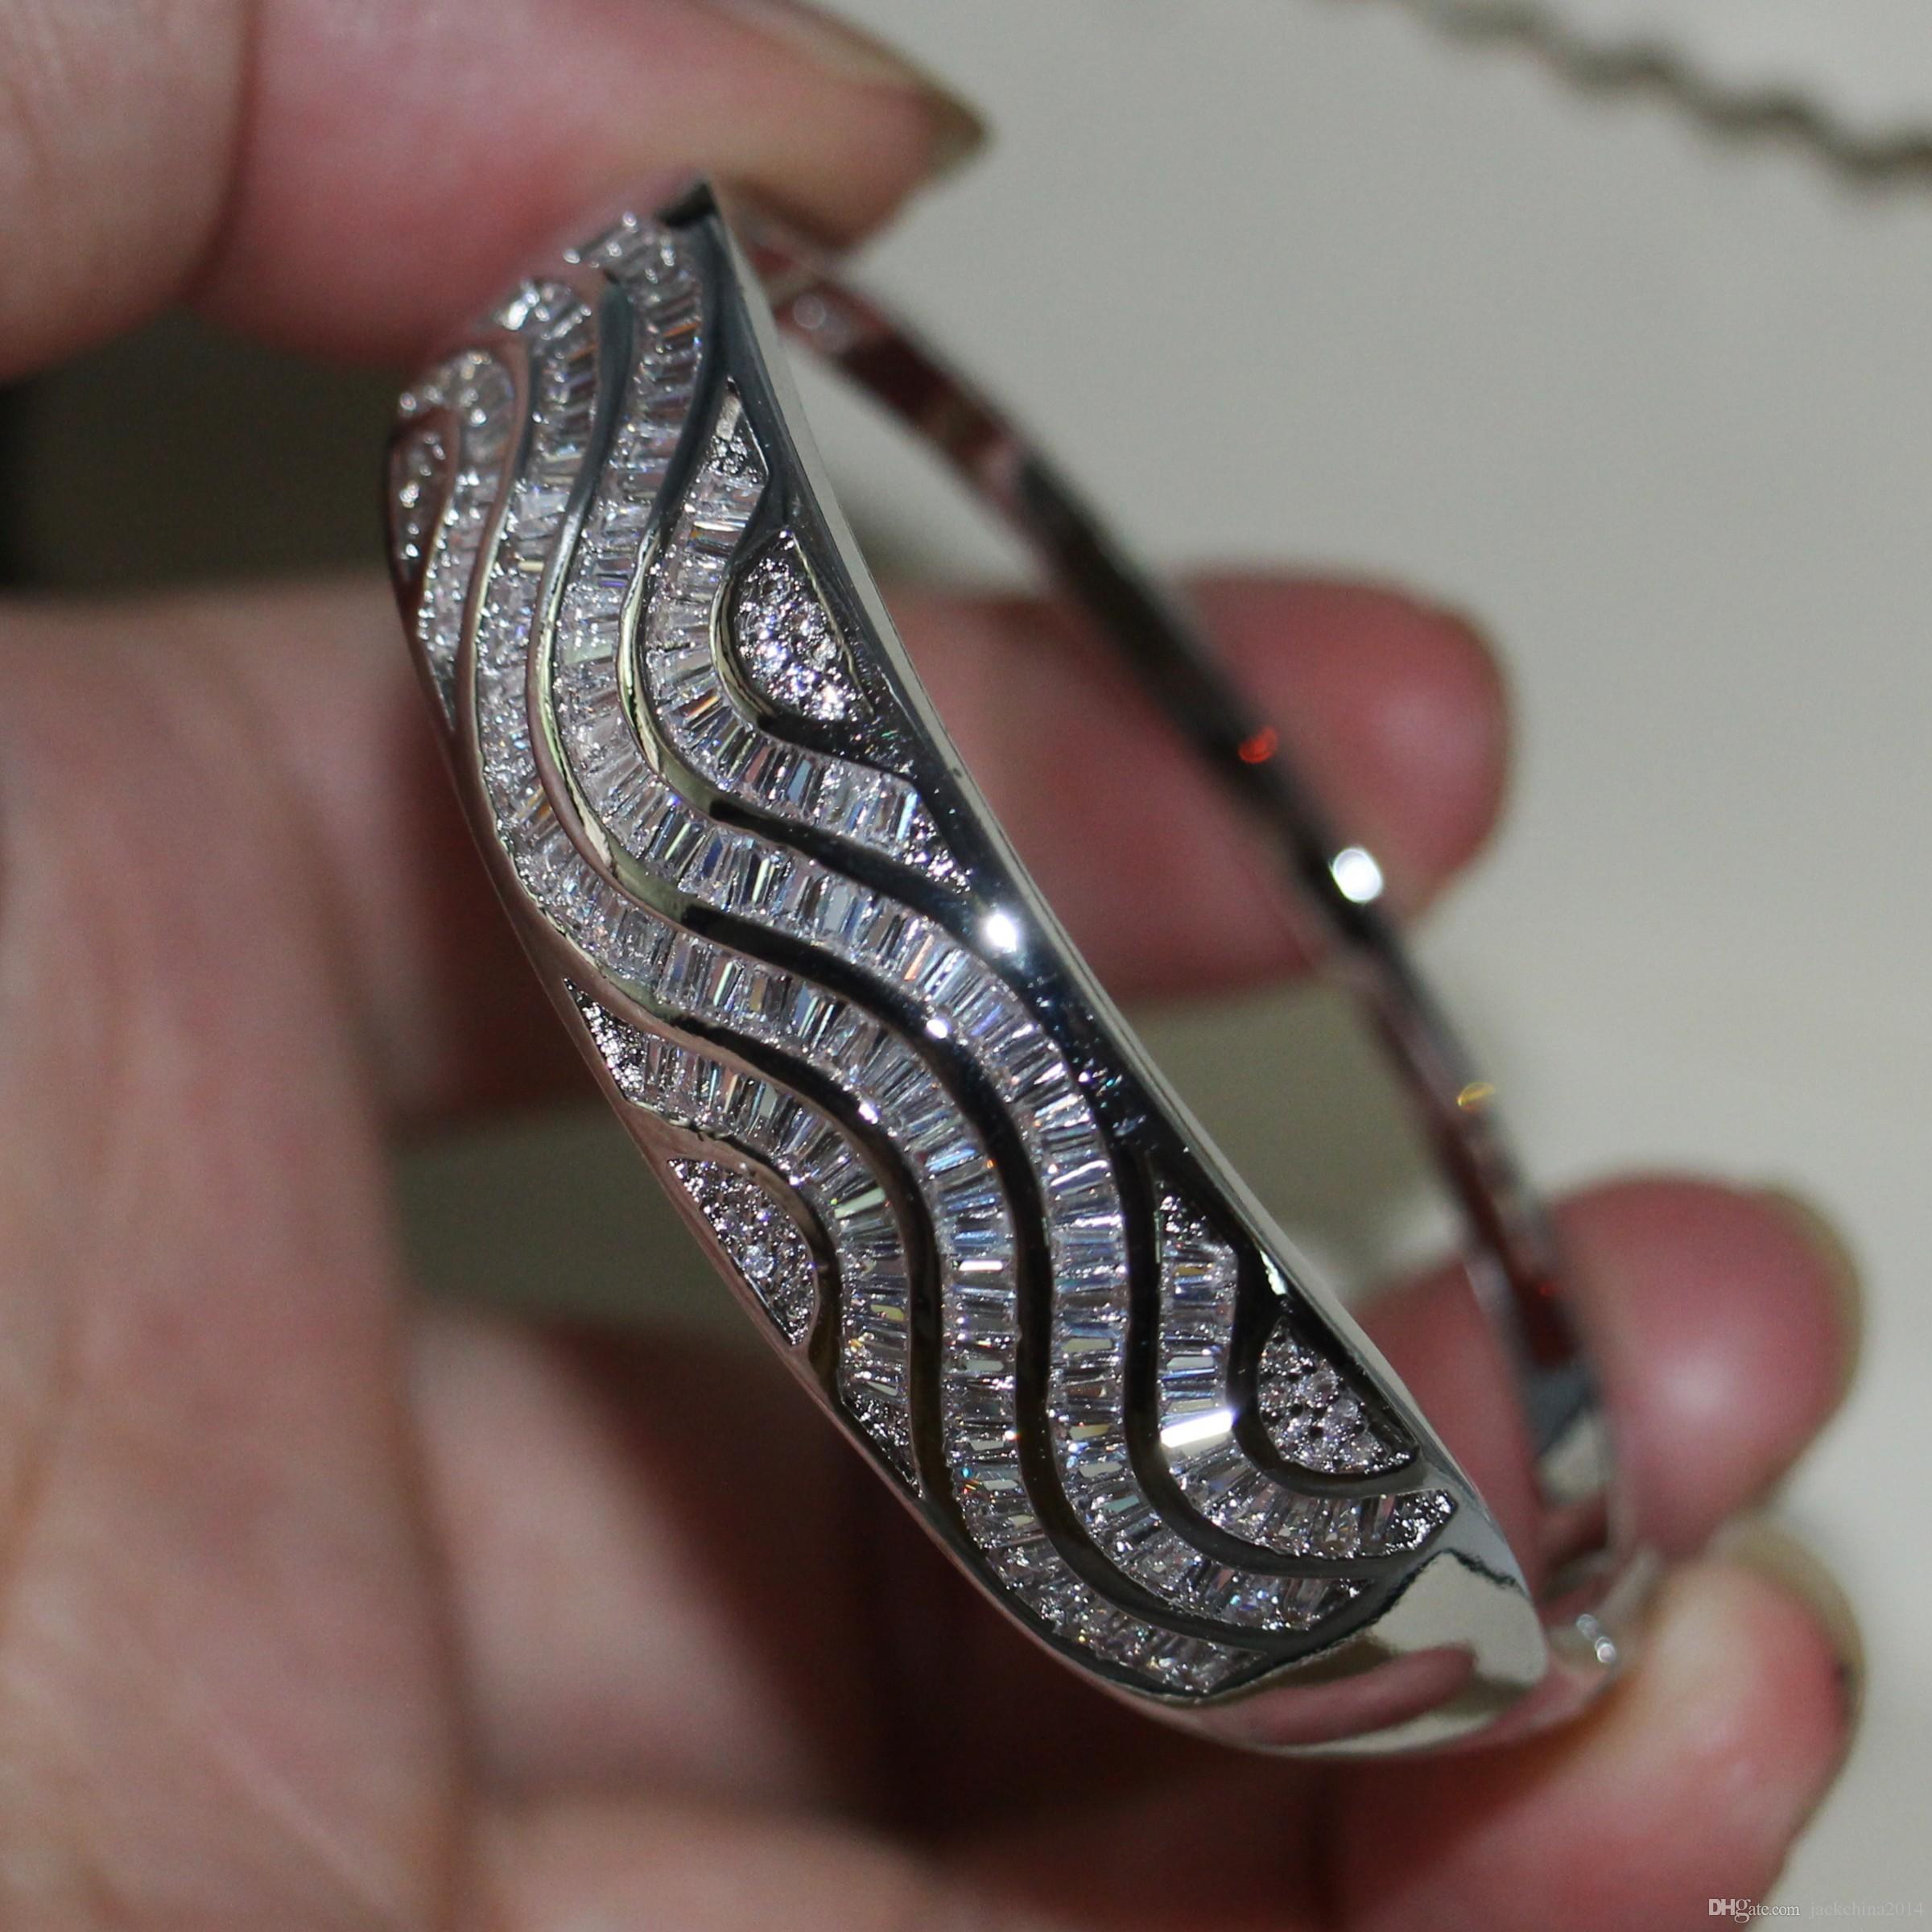 Heißer Verkauf Neue Ankunft Luxus Schmuck 925 Sterling Silber Prinzessin Cut Weiß Topaz CZ Diamant Frauen Hochzeit Wist Armreif Für Lovers Geschenk